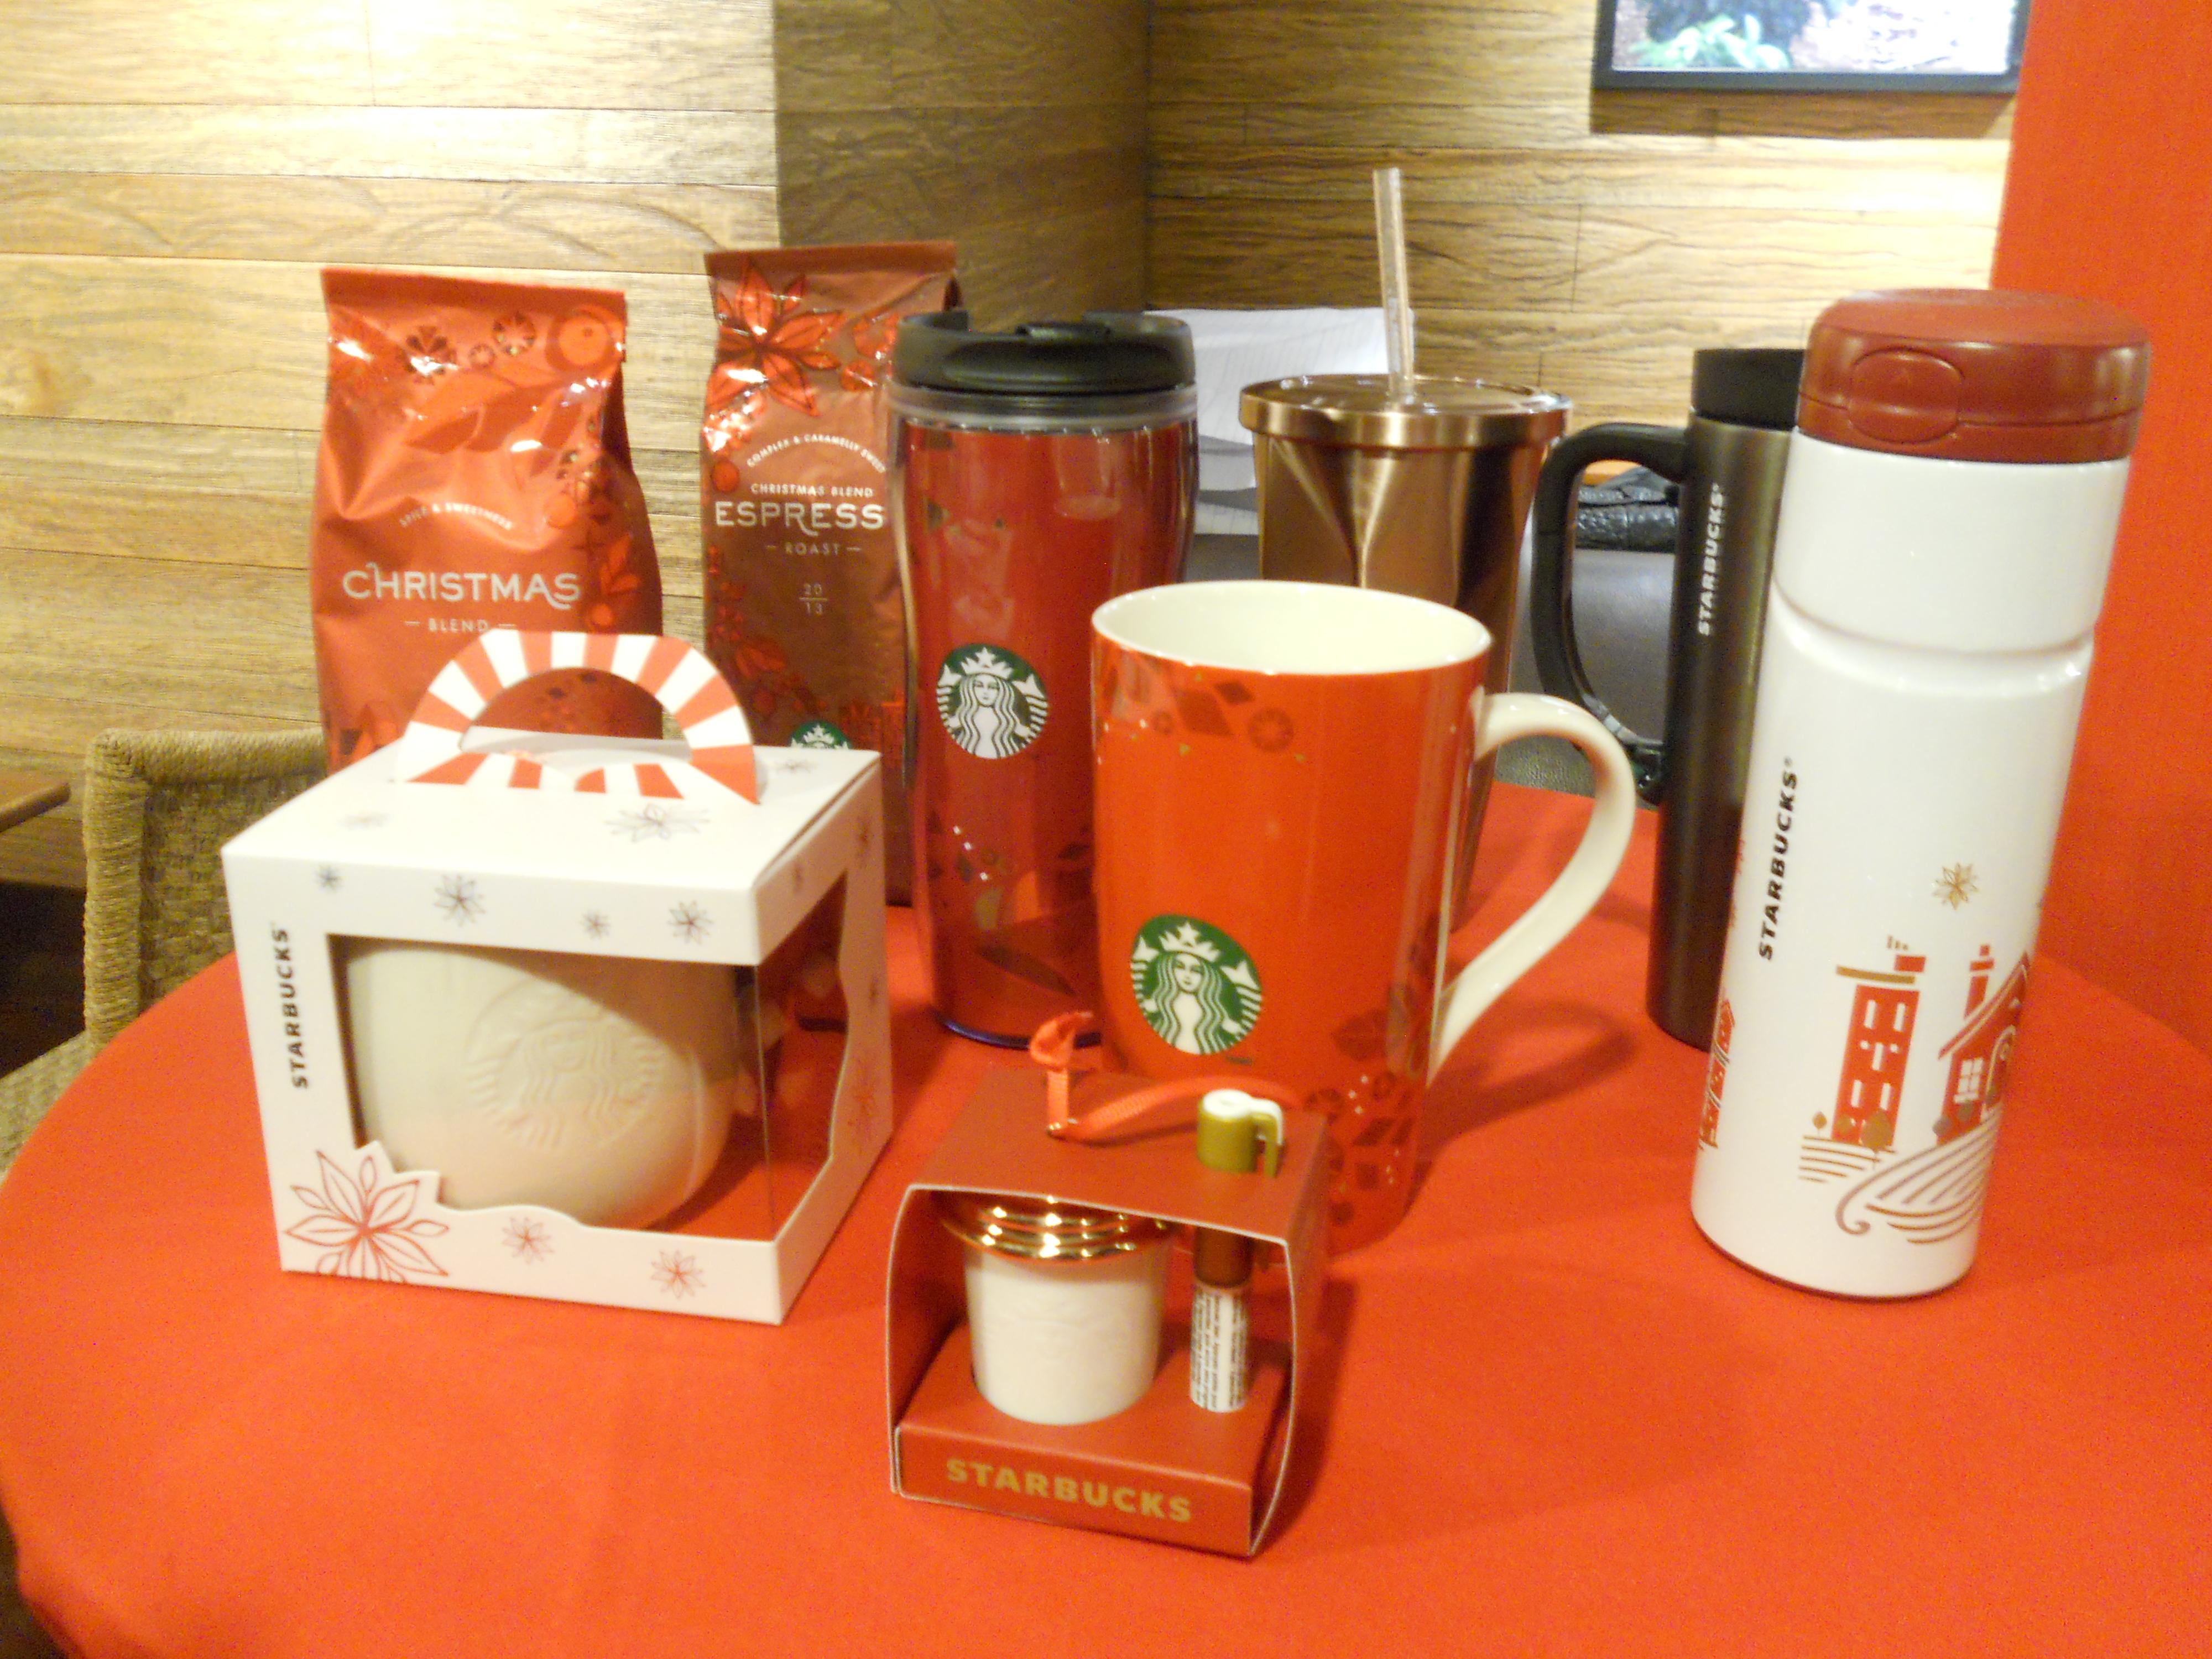 Christmas Christmas Cups Starbucks 2017 Starbucks Cups Philippines xCBode